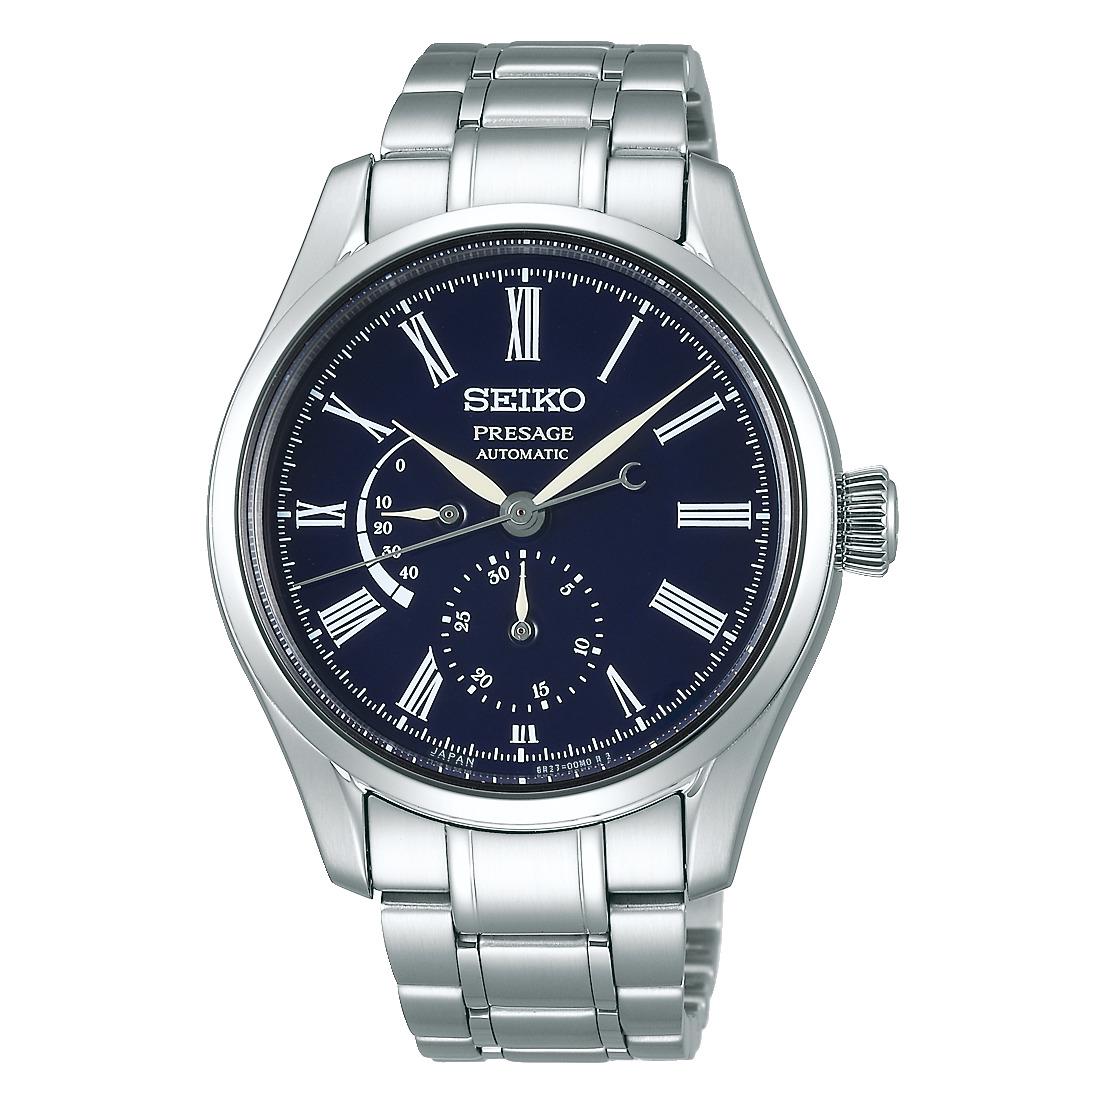 プレザージュ PRESAGE セイコー SEIKO SARW047 コアショップ限定 ほうろうダイヤル 正規品 腕時計